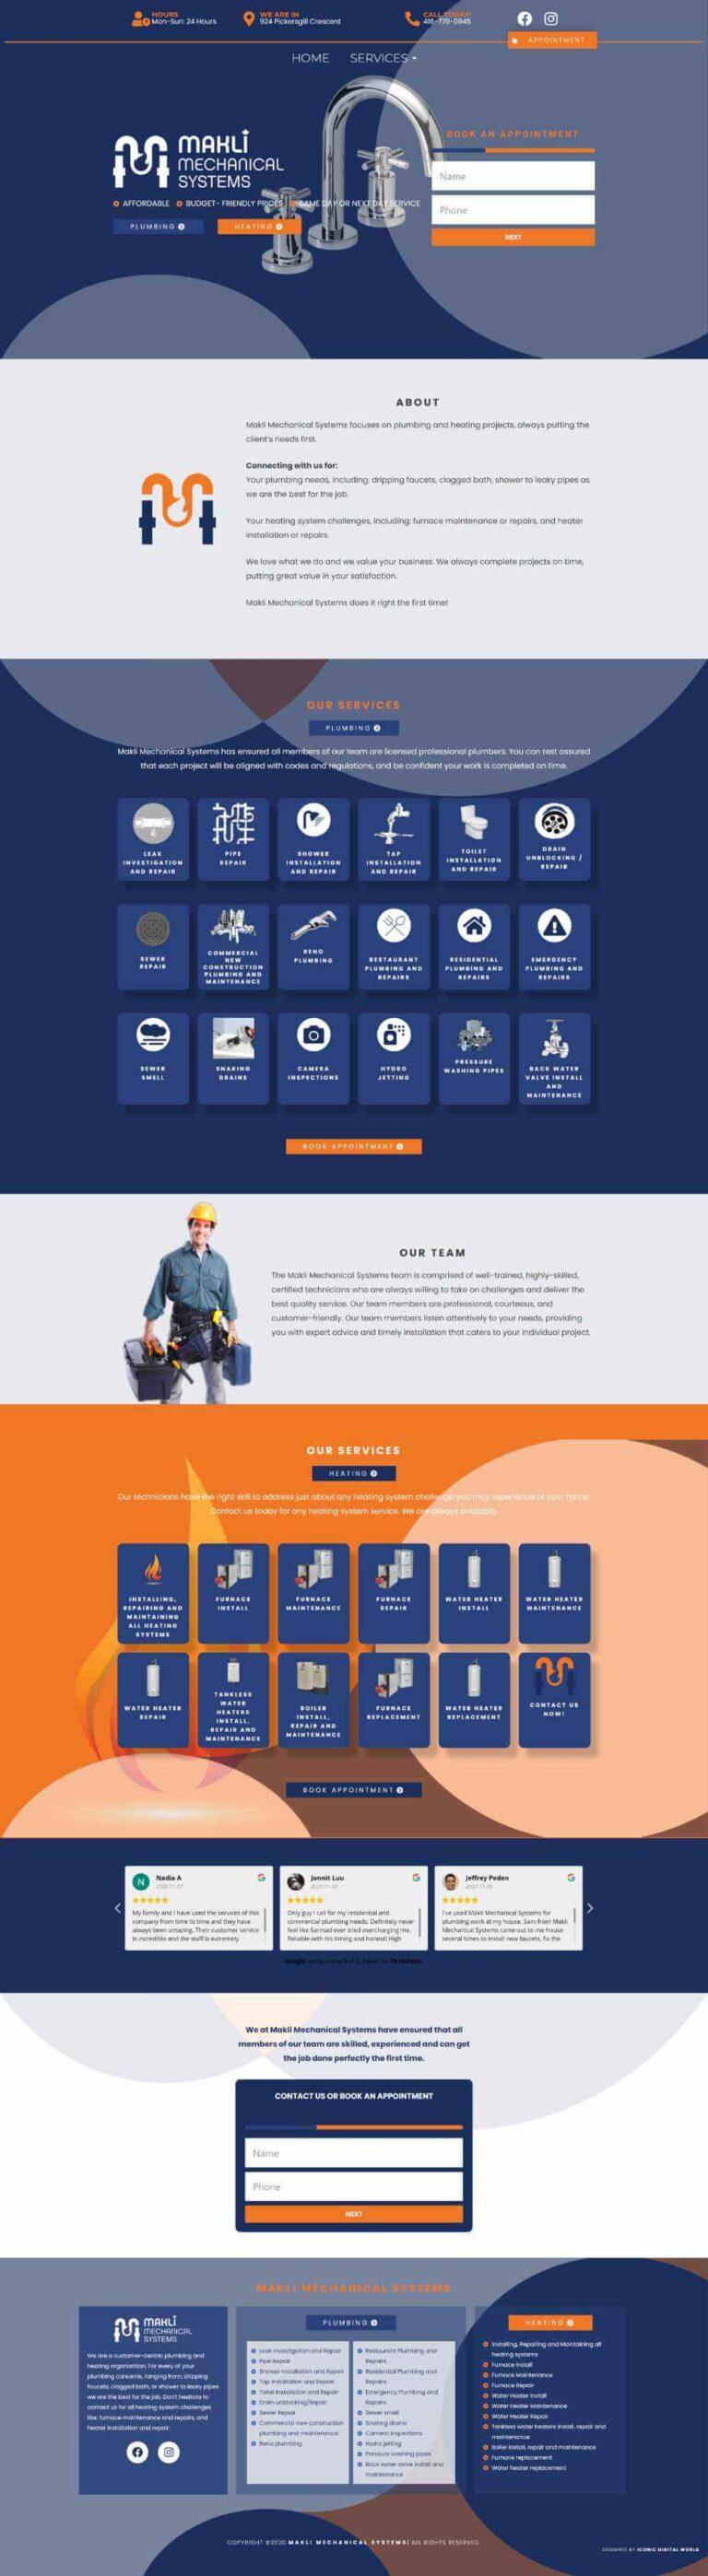 Makli Mechanical Systems Website Design